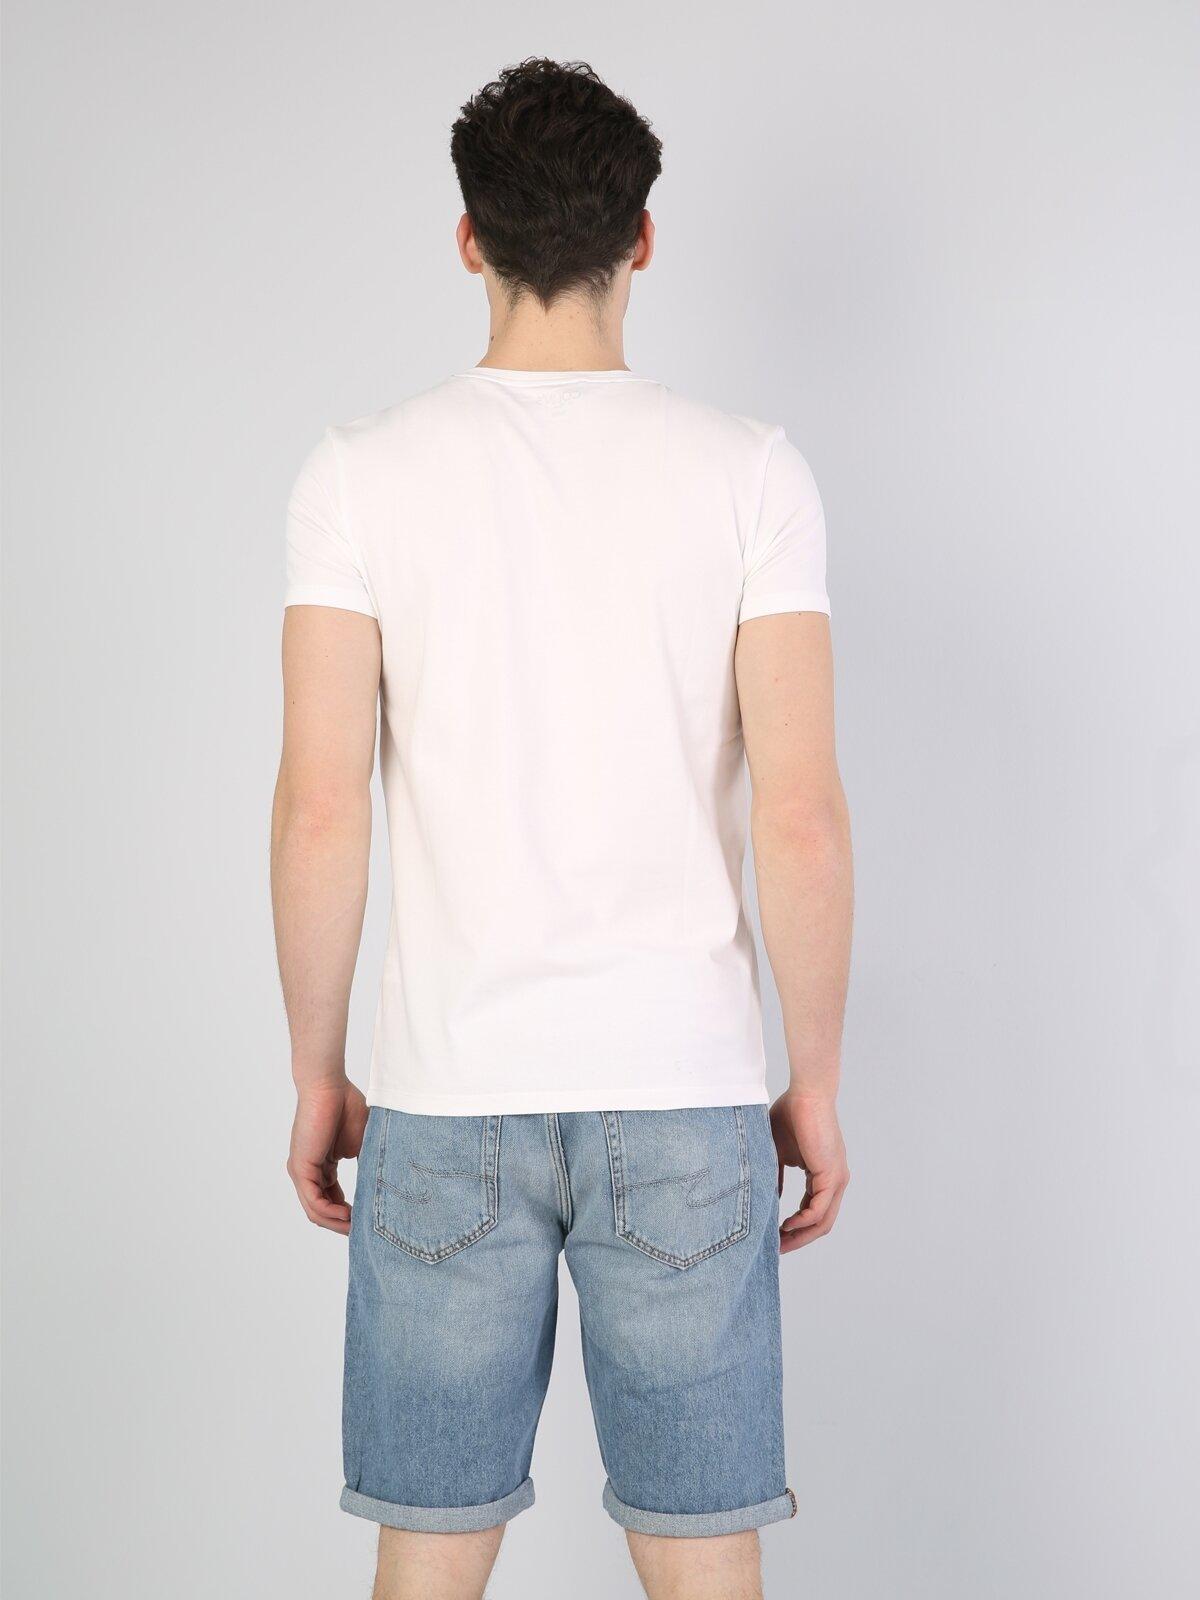 Slim Fit Bisiklet Yaka Baskılı Beyaz Erkek Kısa Kol Tişört